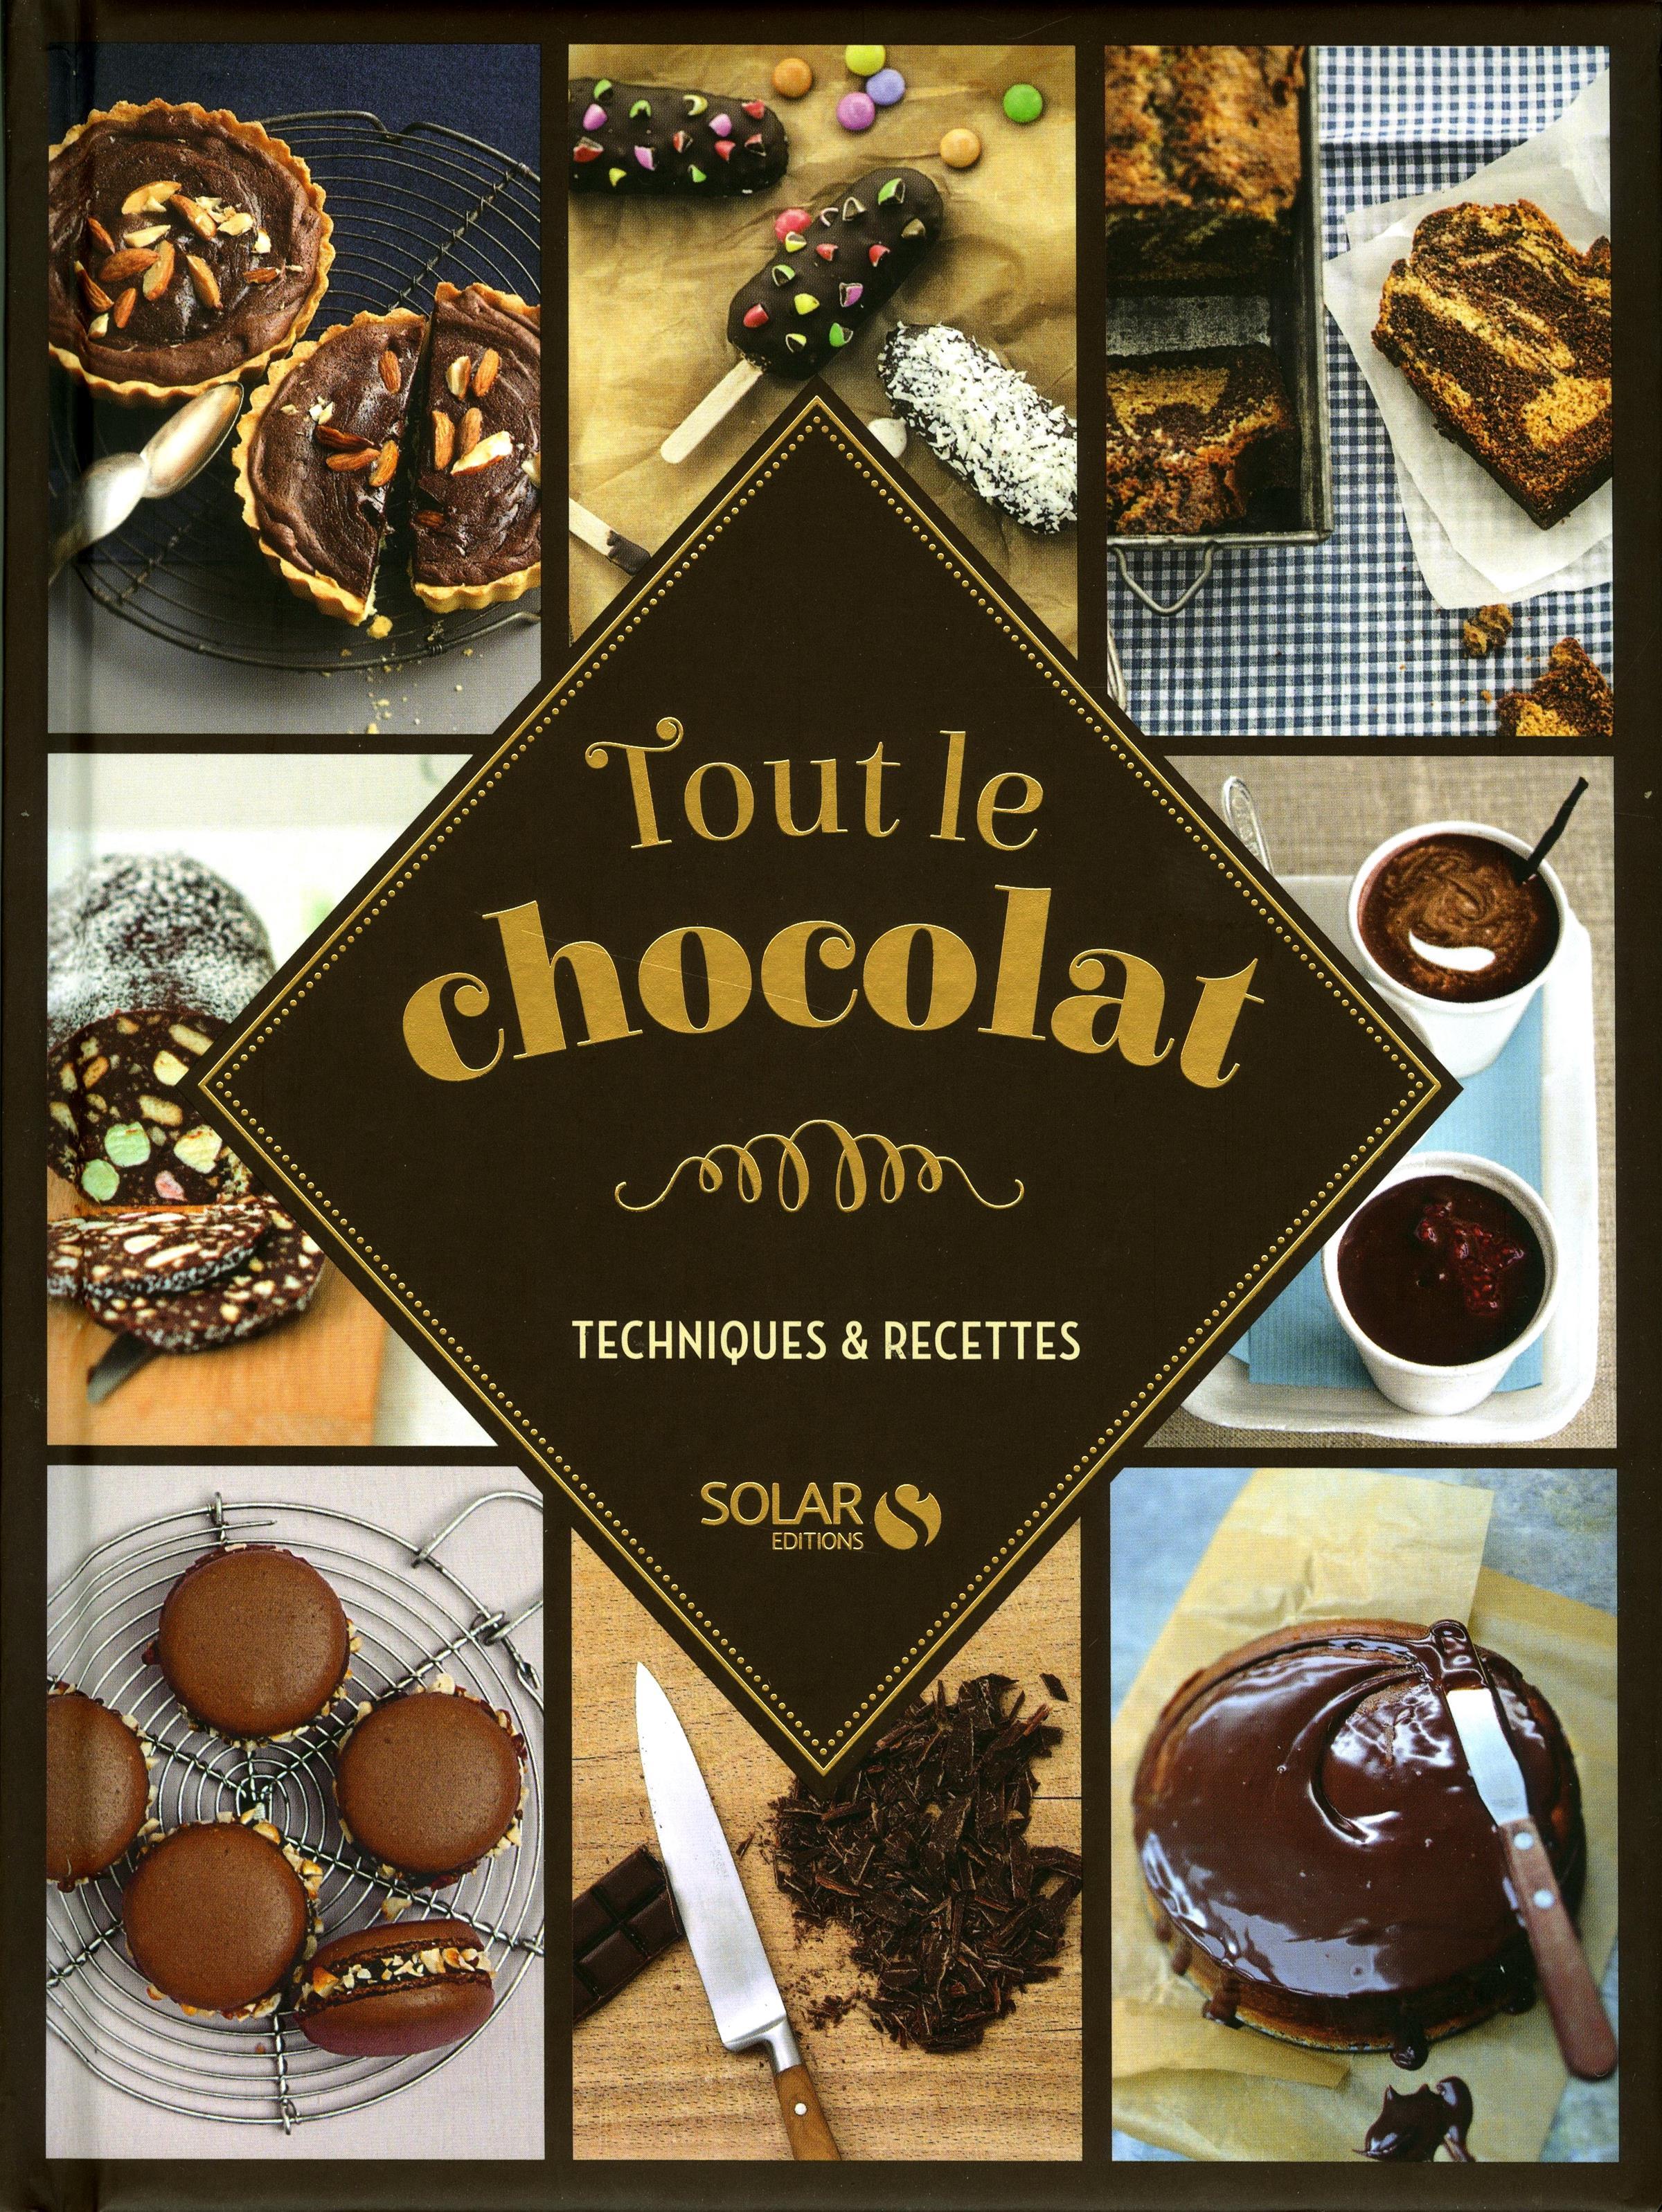 Tout le chocolat techniques recettes cuisine - Livre technique cuisine professionnel ...